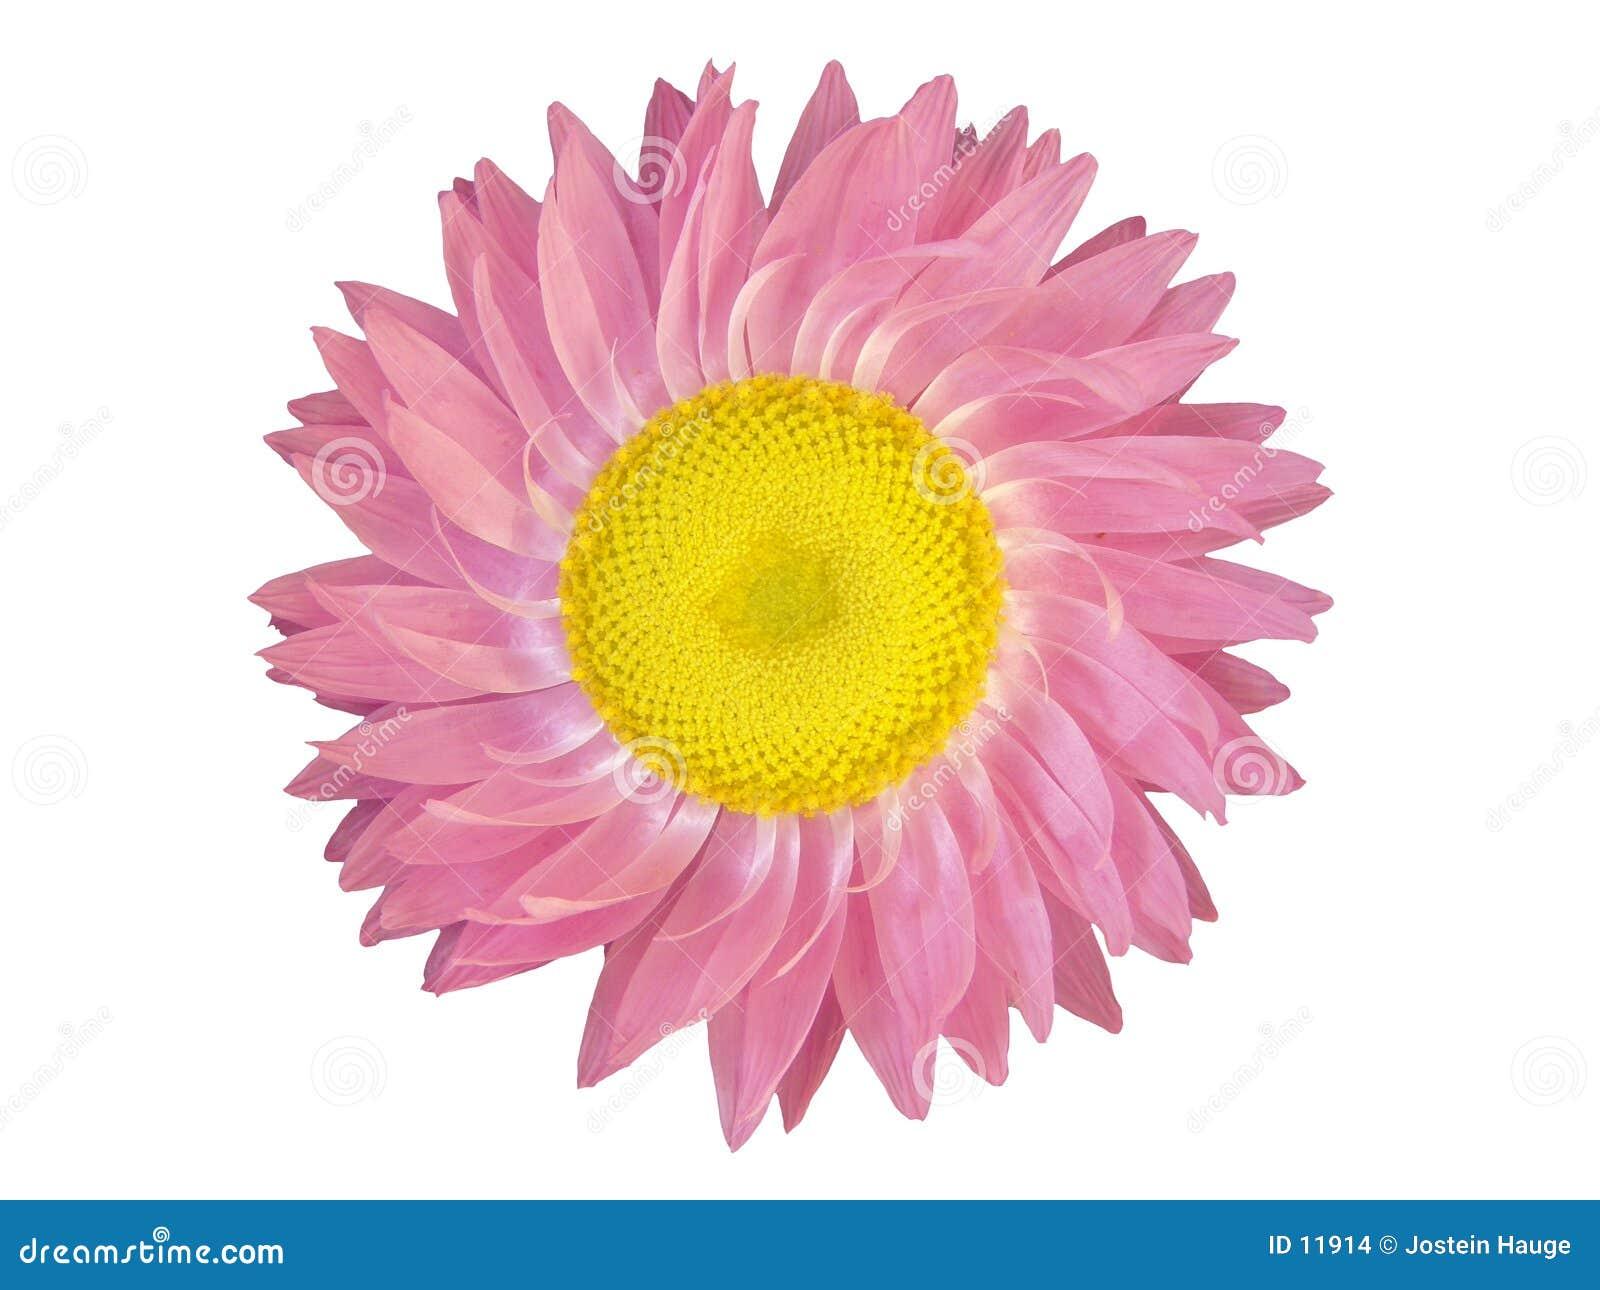 Éléments de conception : Tête de fleur rose